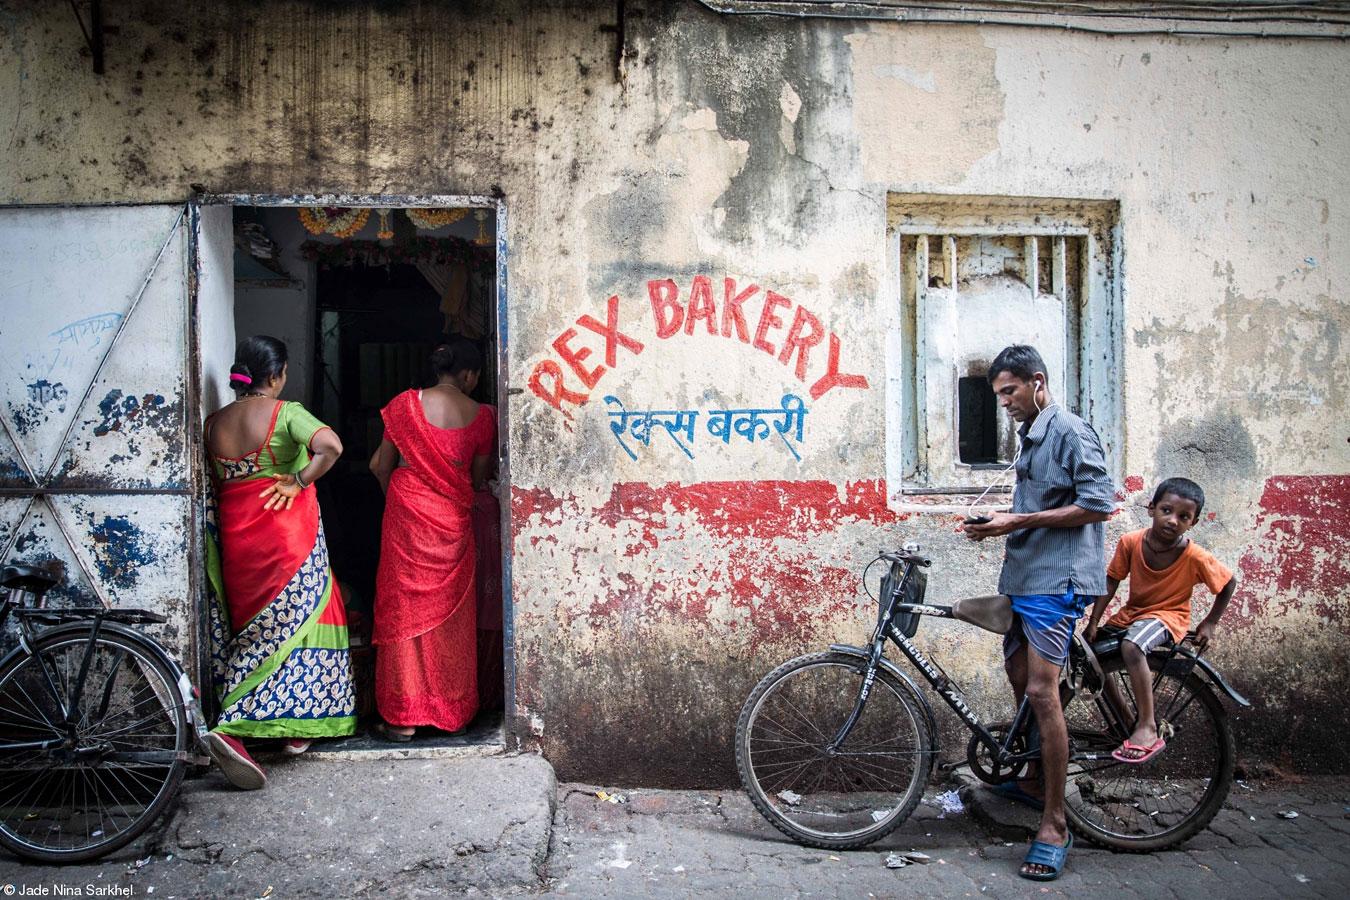 Пекарня Рекса, © Джейд Нина Саркель, Великобритания, 1-е место, категория «Еда на продажу», Фотоконкурс Pink Lady Food